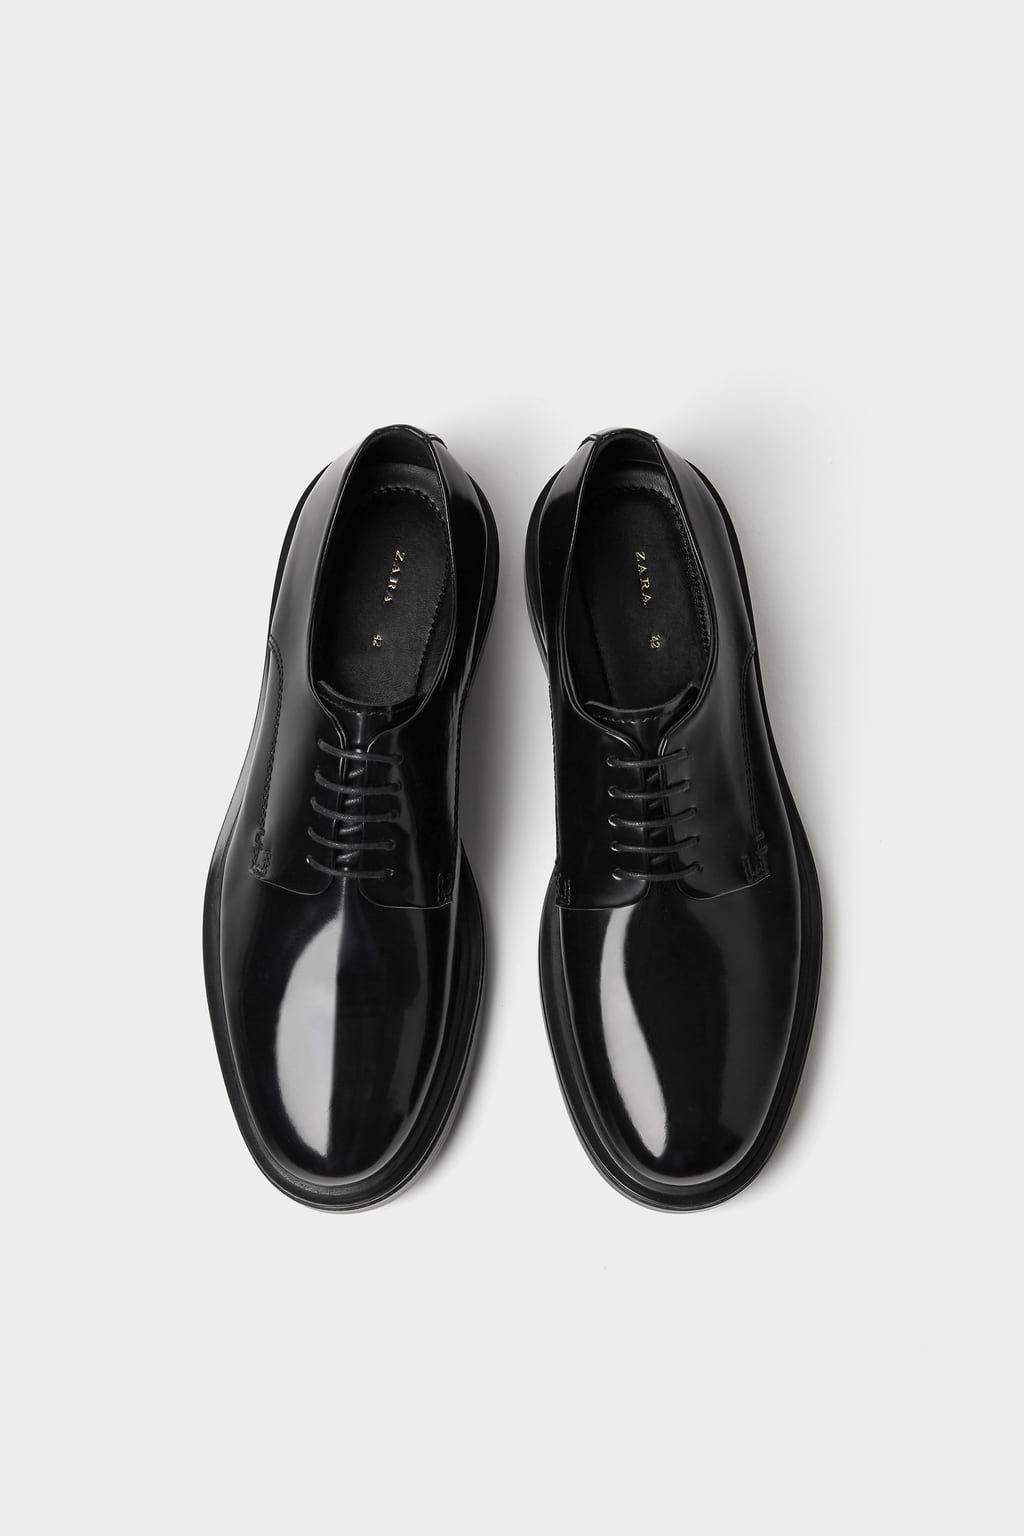 Imagen Antic Shoes De Negro Zapato 1 Piel ZaraDerby SUMzVp